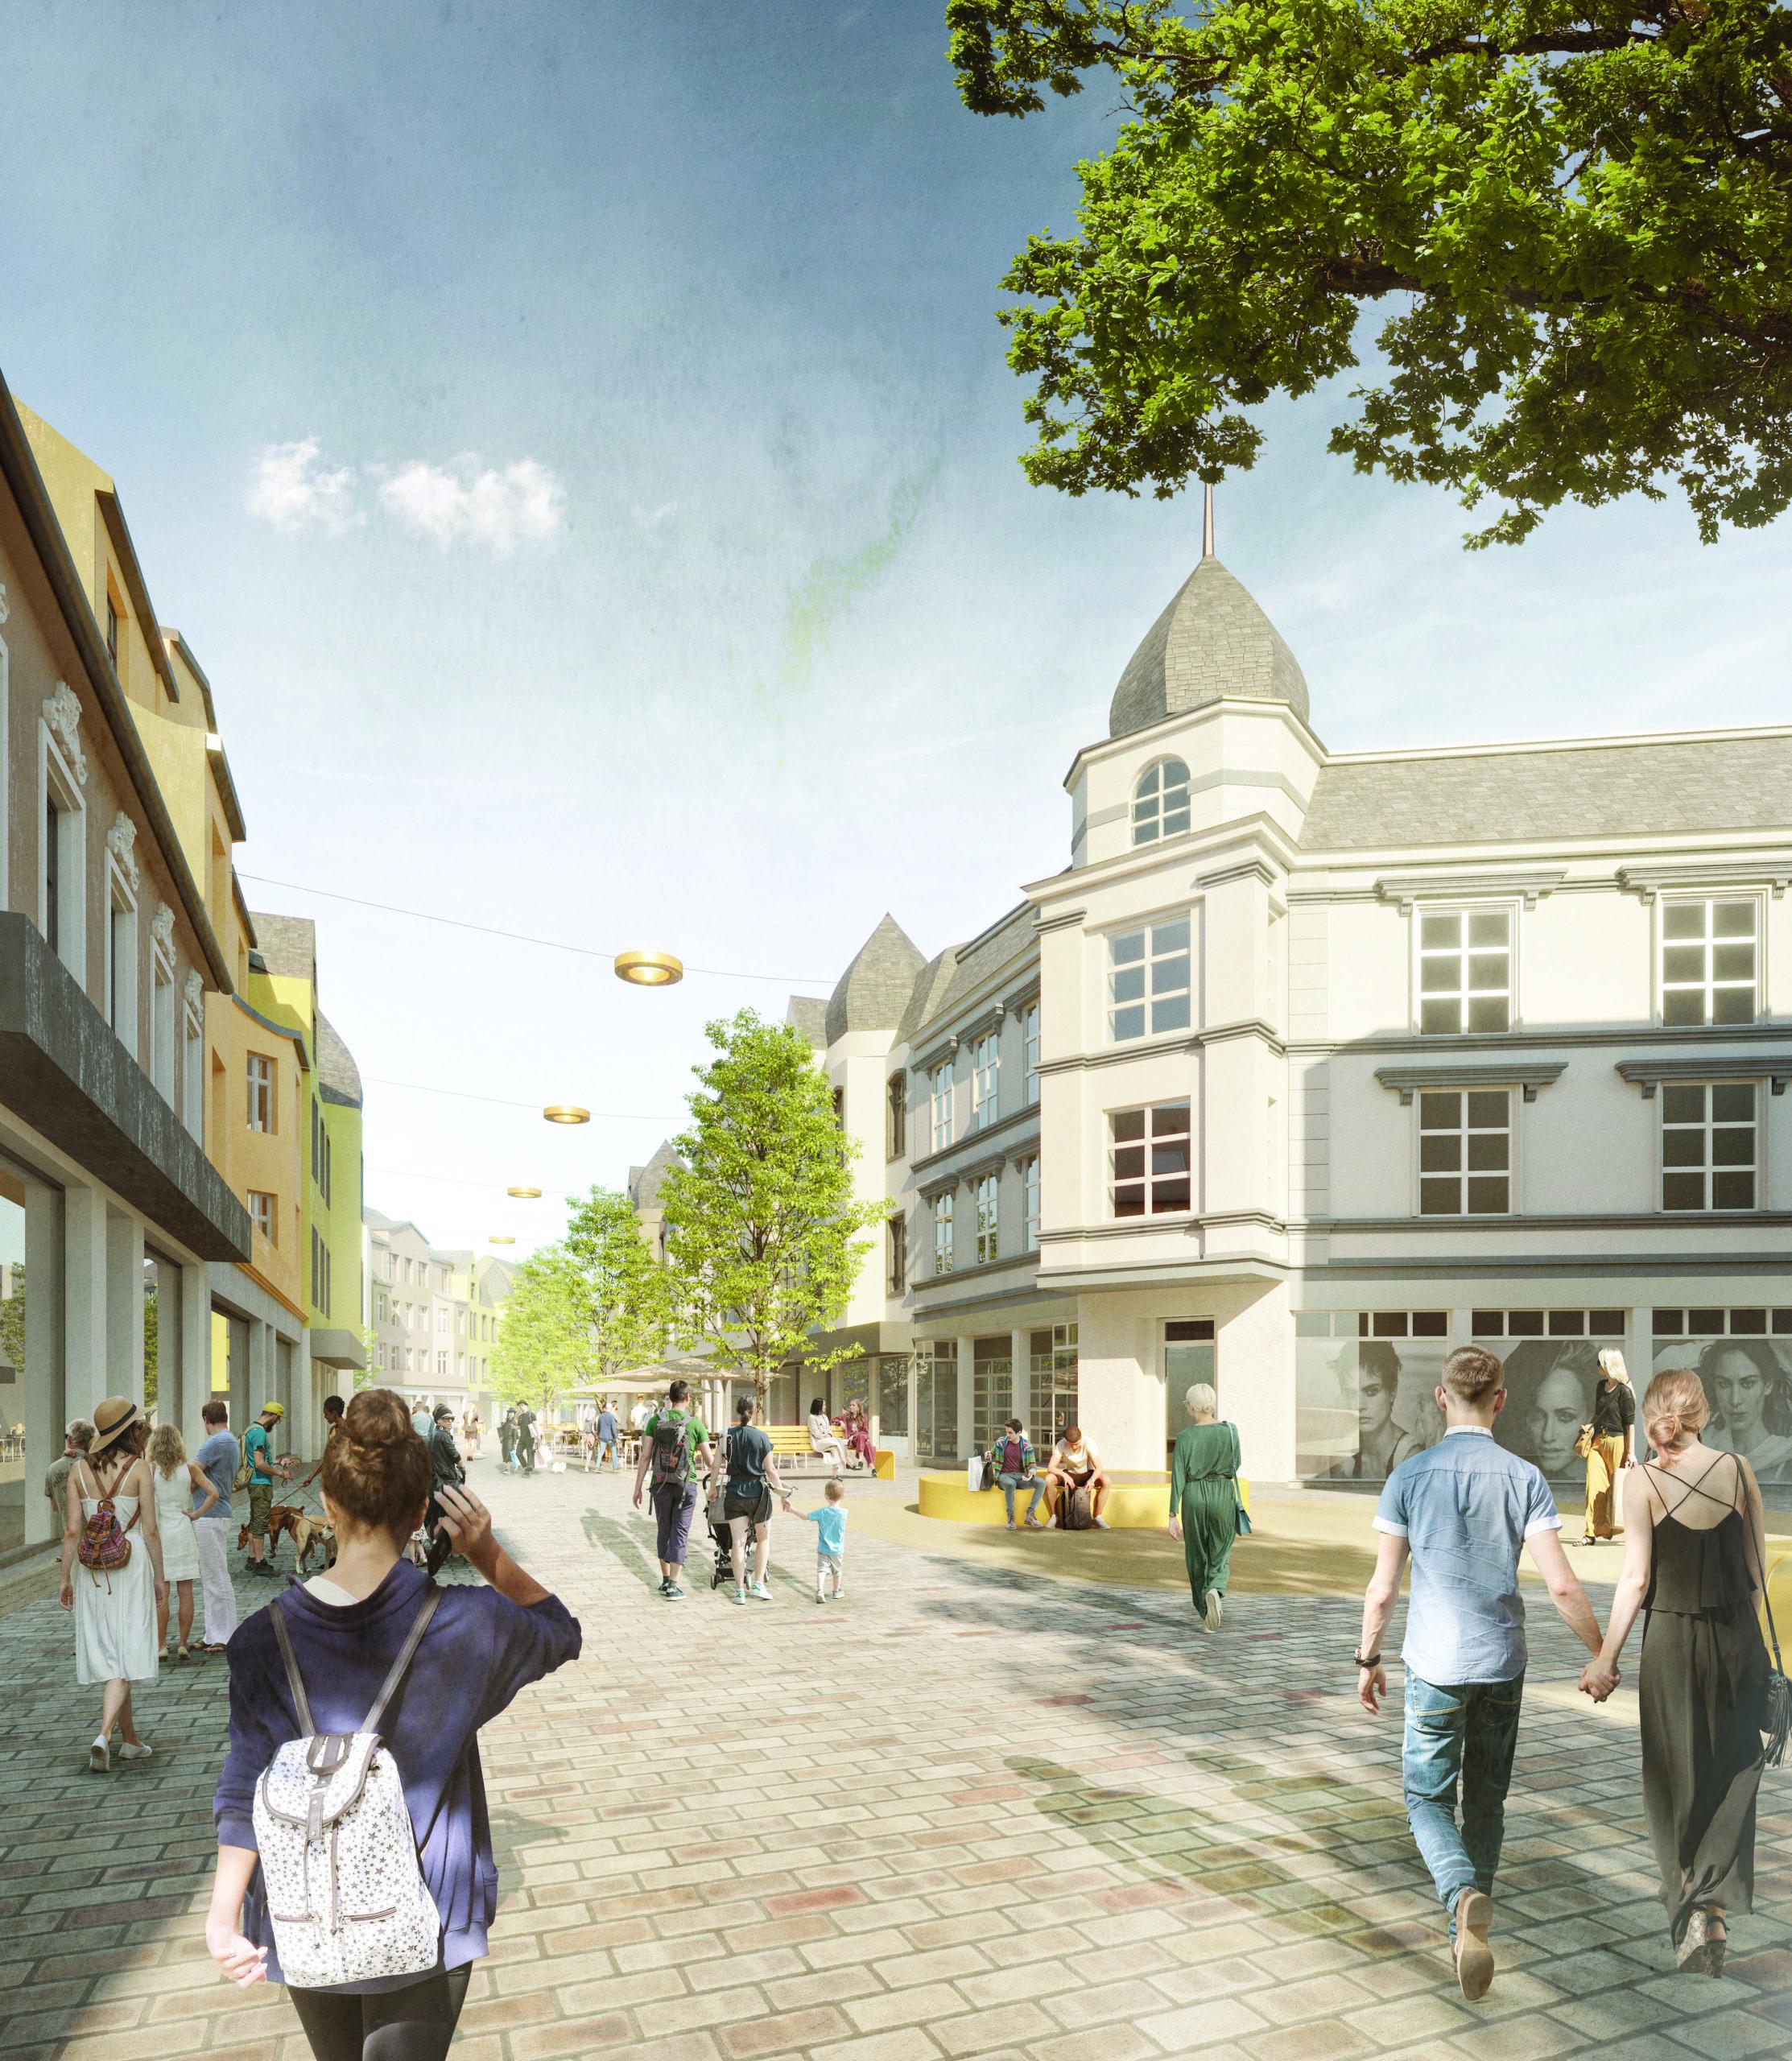 Wettbewerbsbeiträge zur Neugestaltung der Fußgängerzone in Ohligs in Ausstellung zu sehen